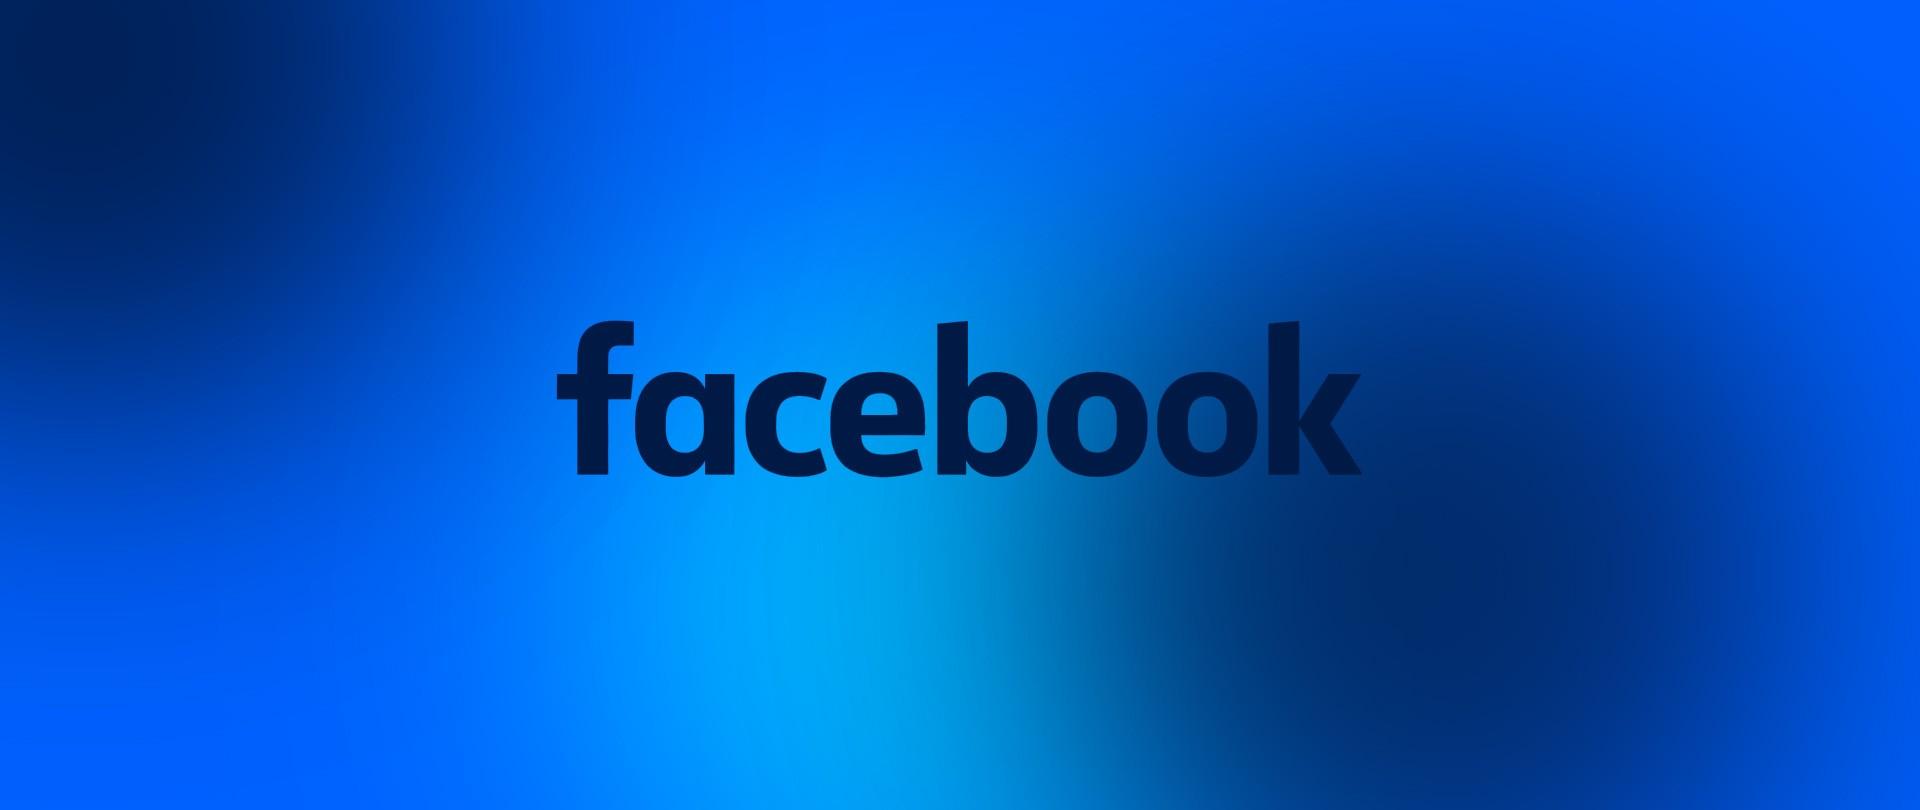 Foto: Conheça o Eyes Pack, a técnica utilizada no sucesso do Facebook